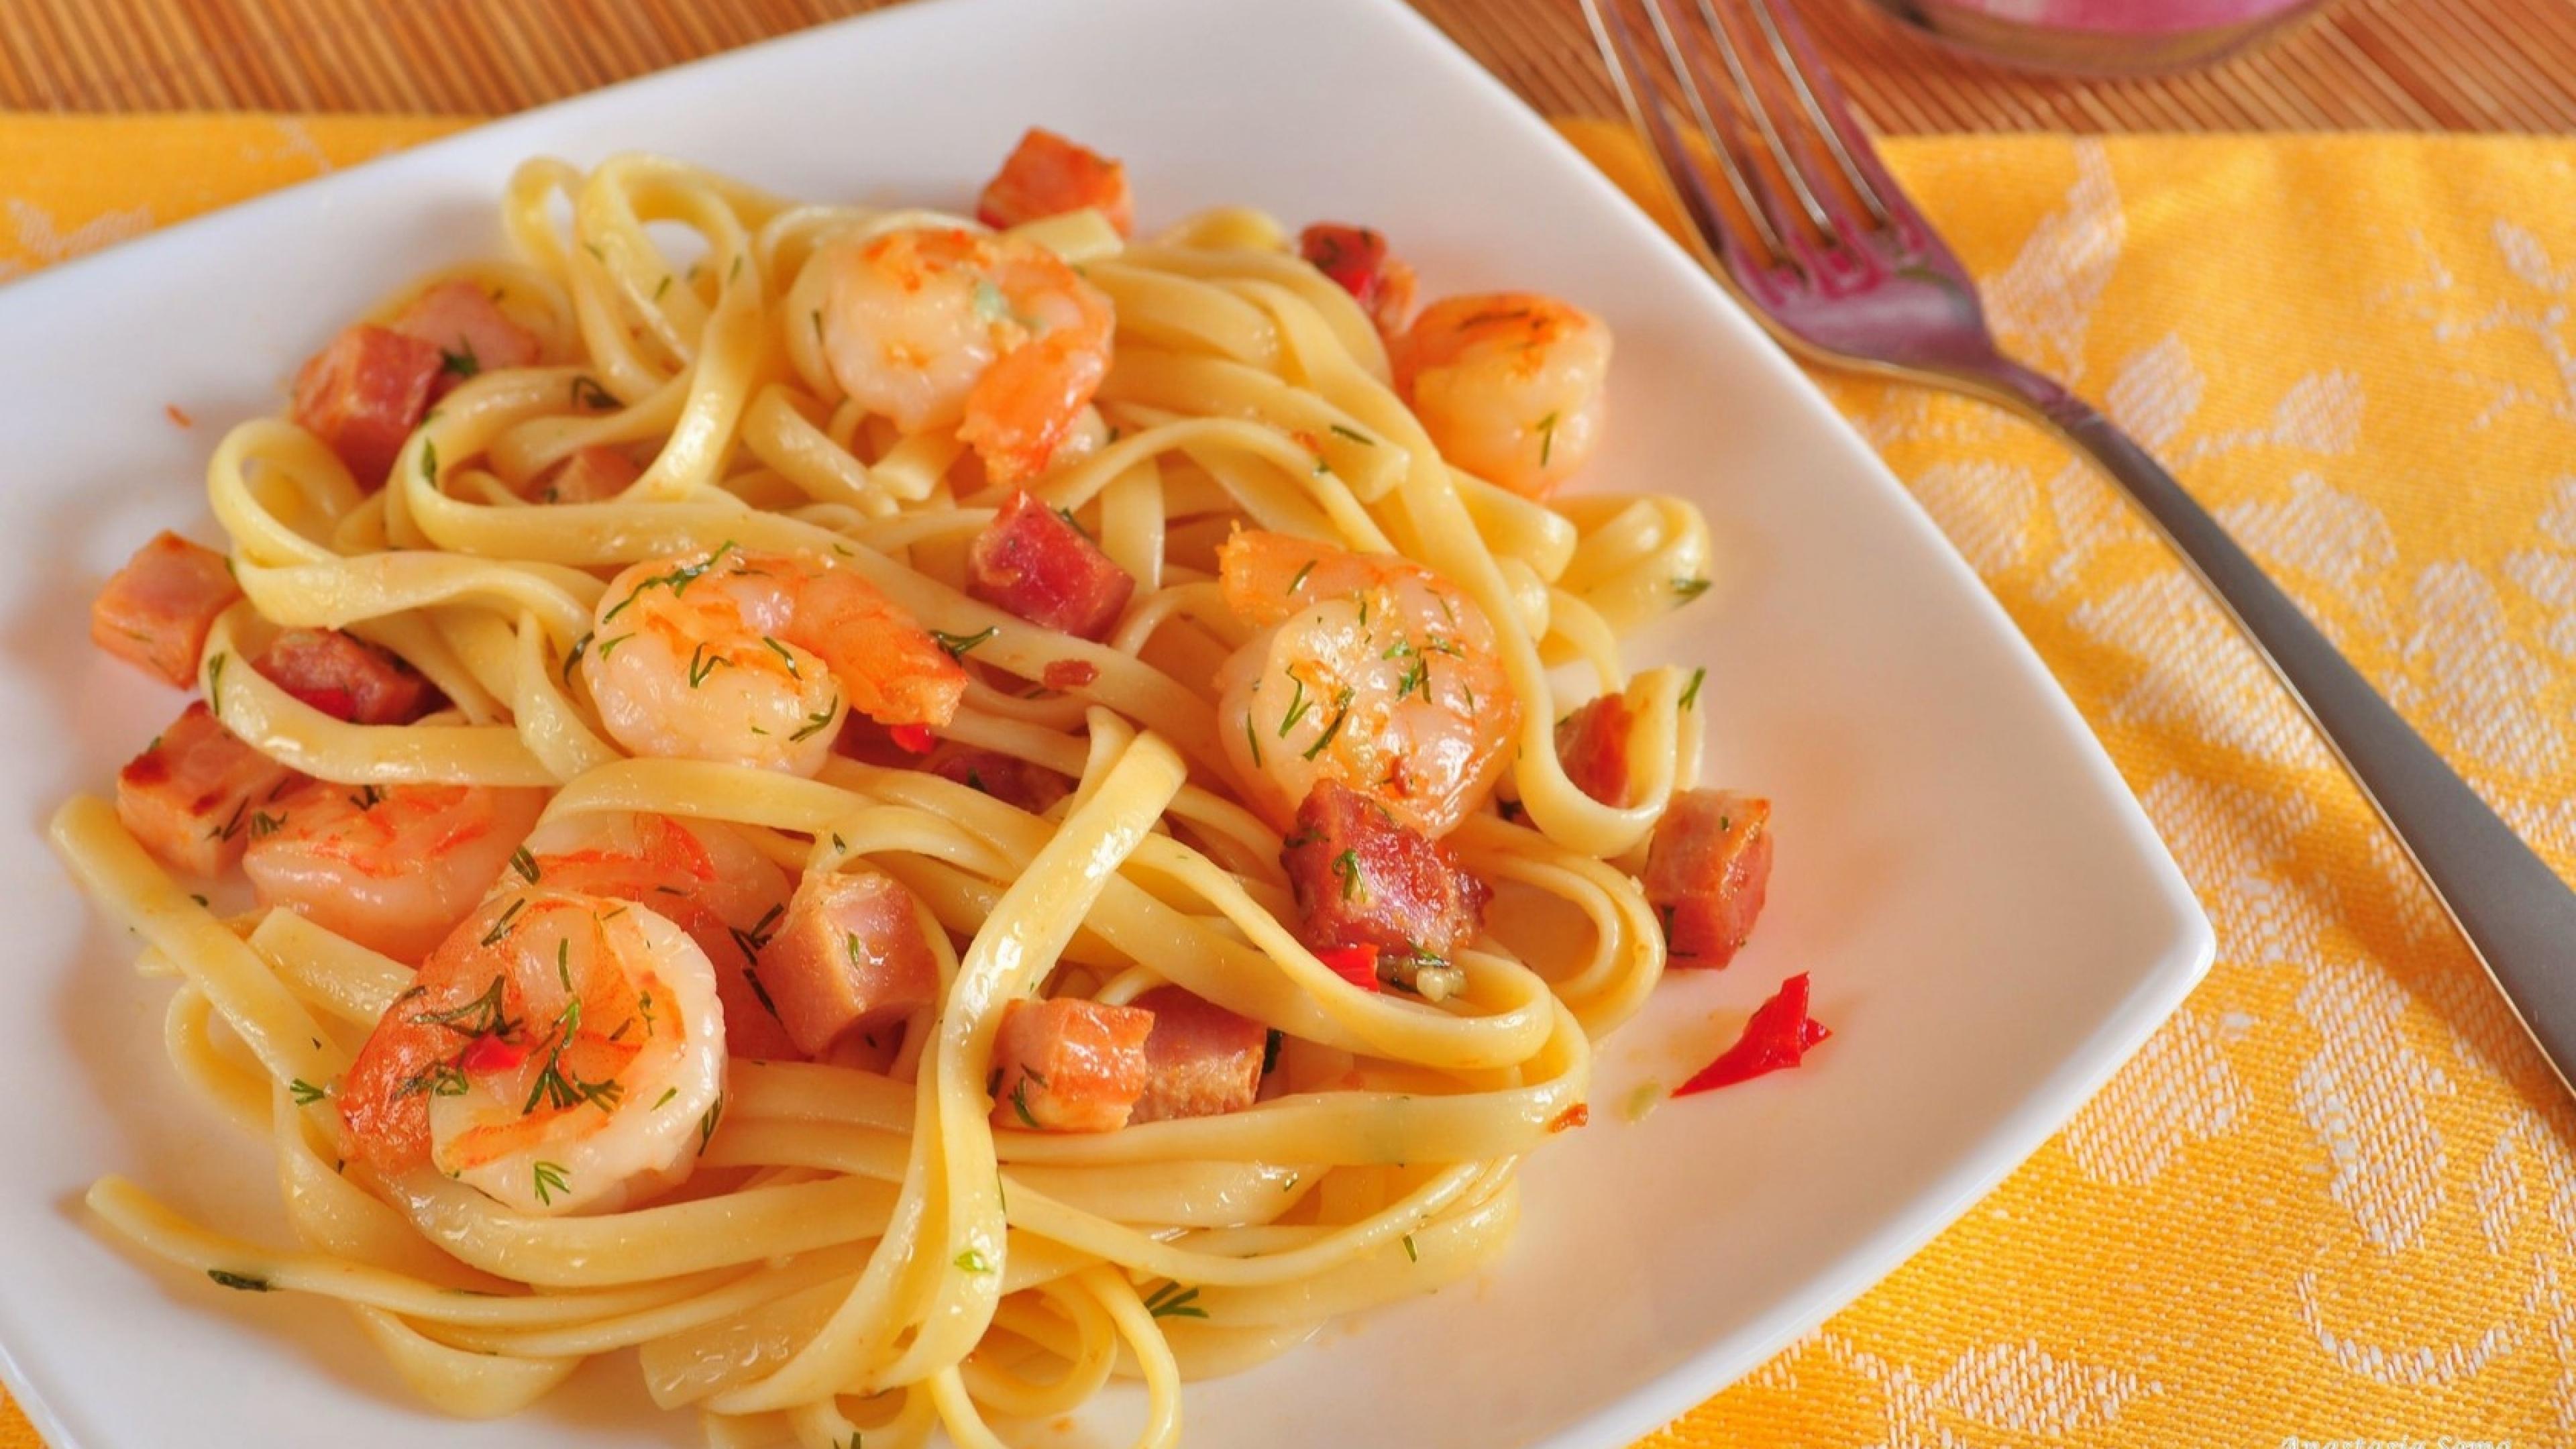 seafood spaghetti widescreen wallpaper 60486